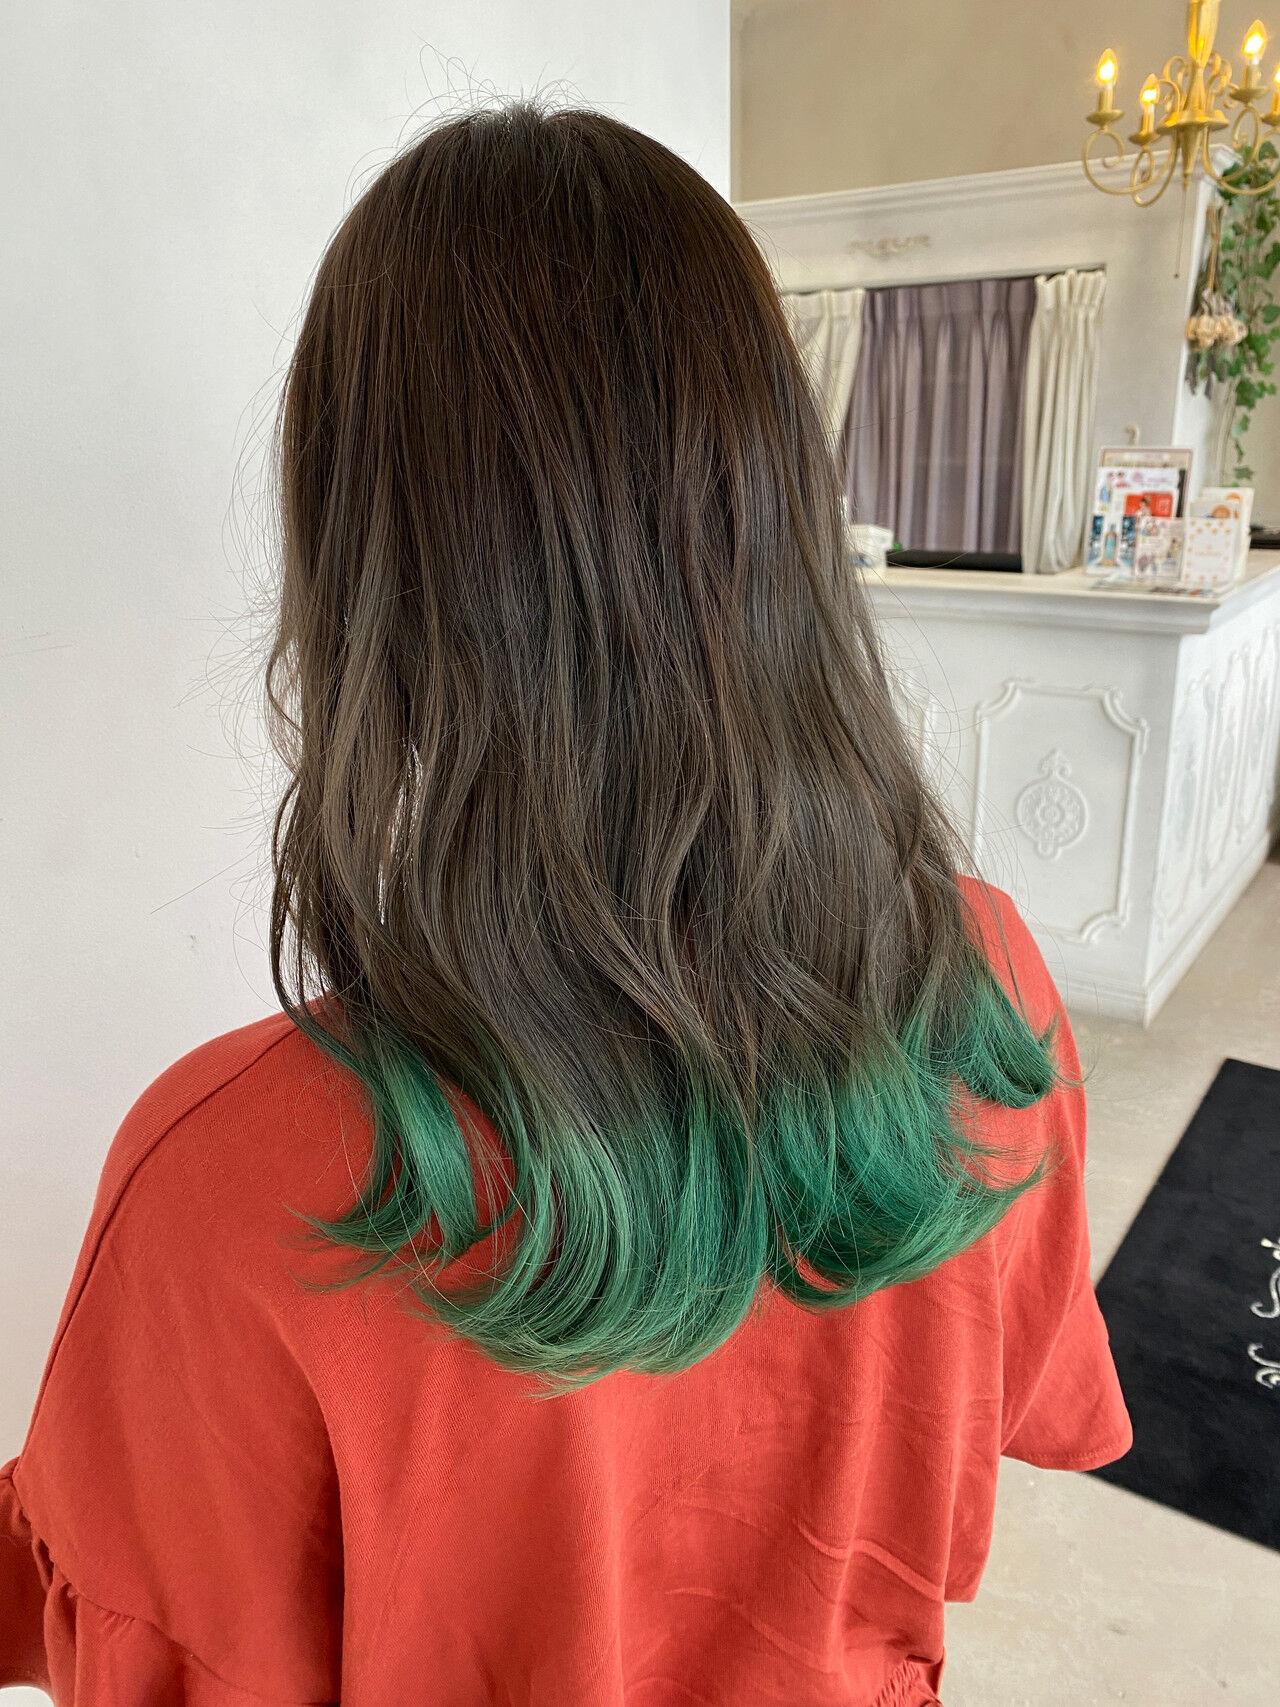 カーキアッシュ カーキ ガーリー 裾カラーヘアスタイルや髪型の写真・画像